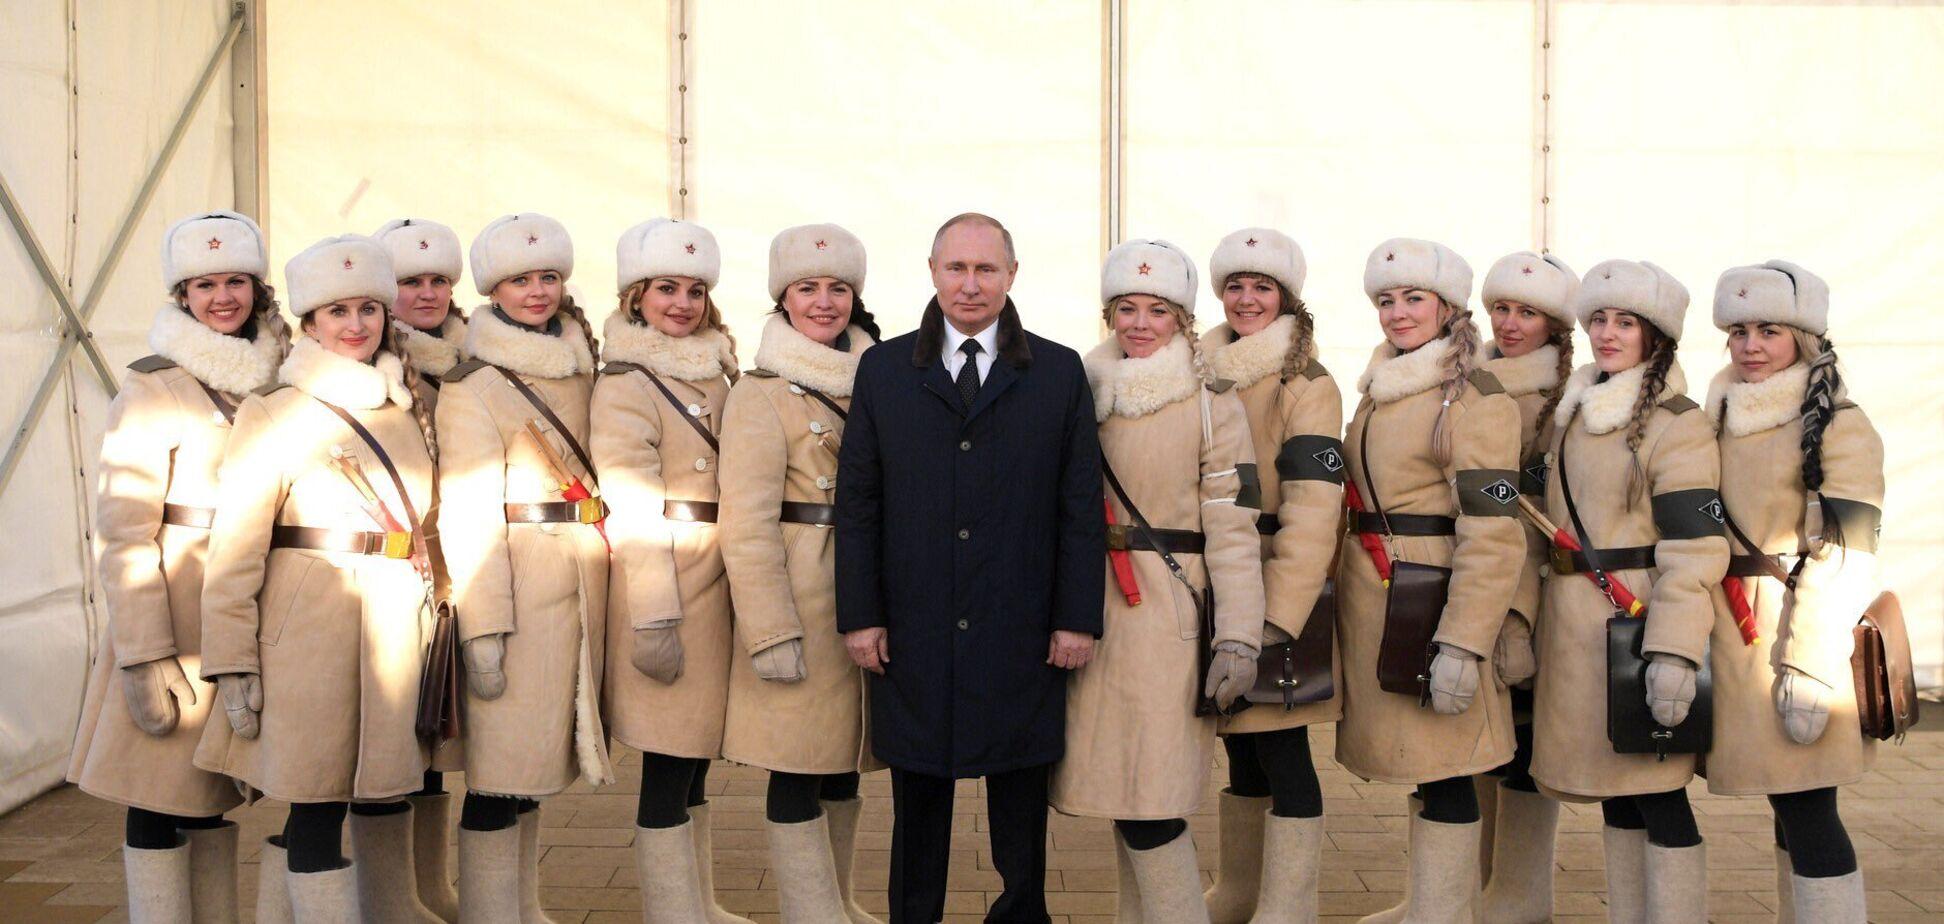 Топ-5 фото Путина, на которых его 'подставили' с маленьким ростом